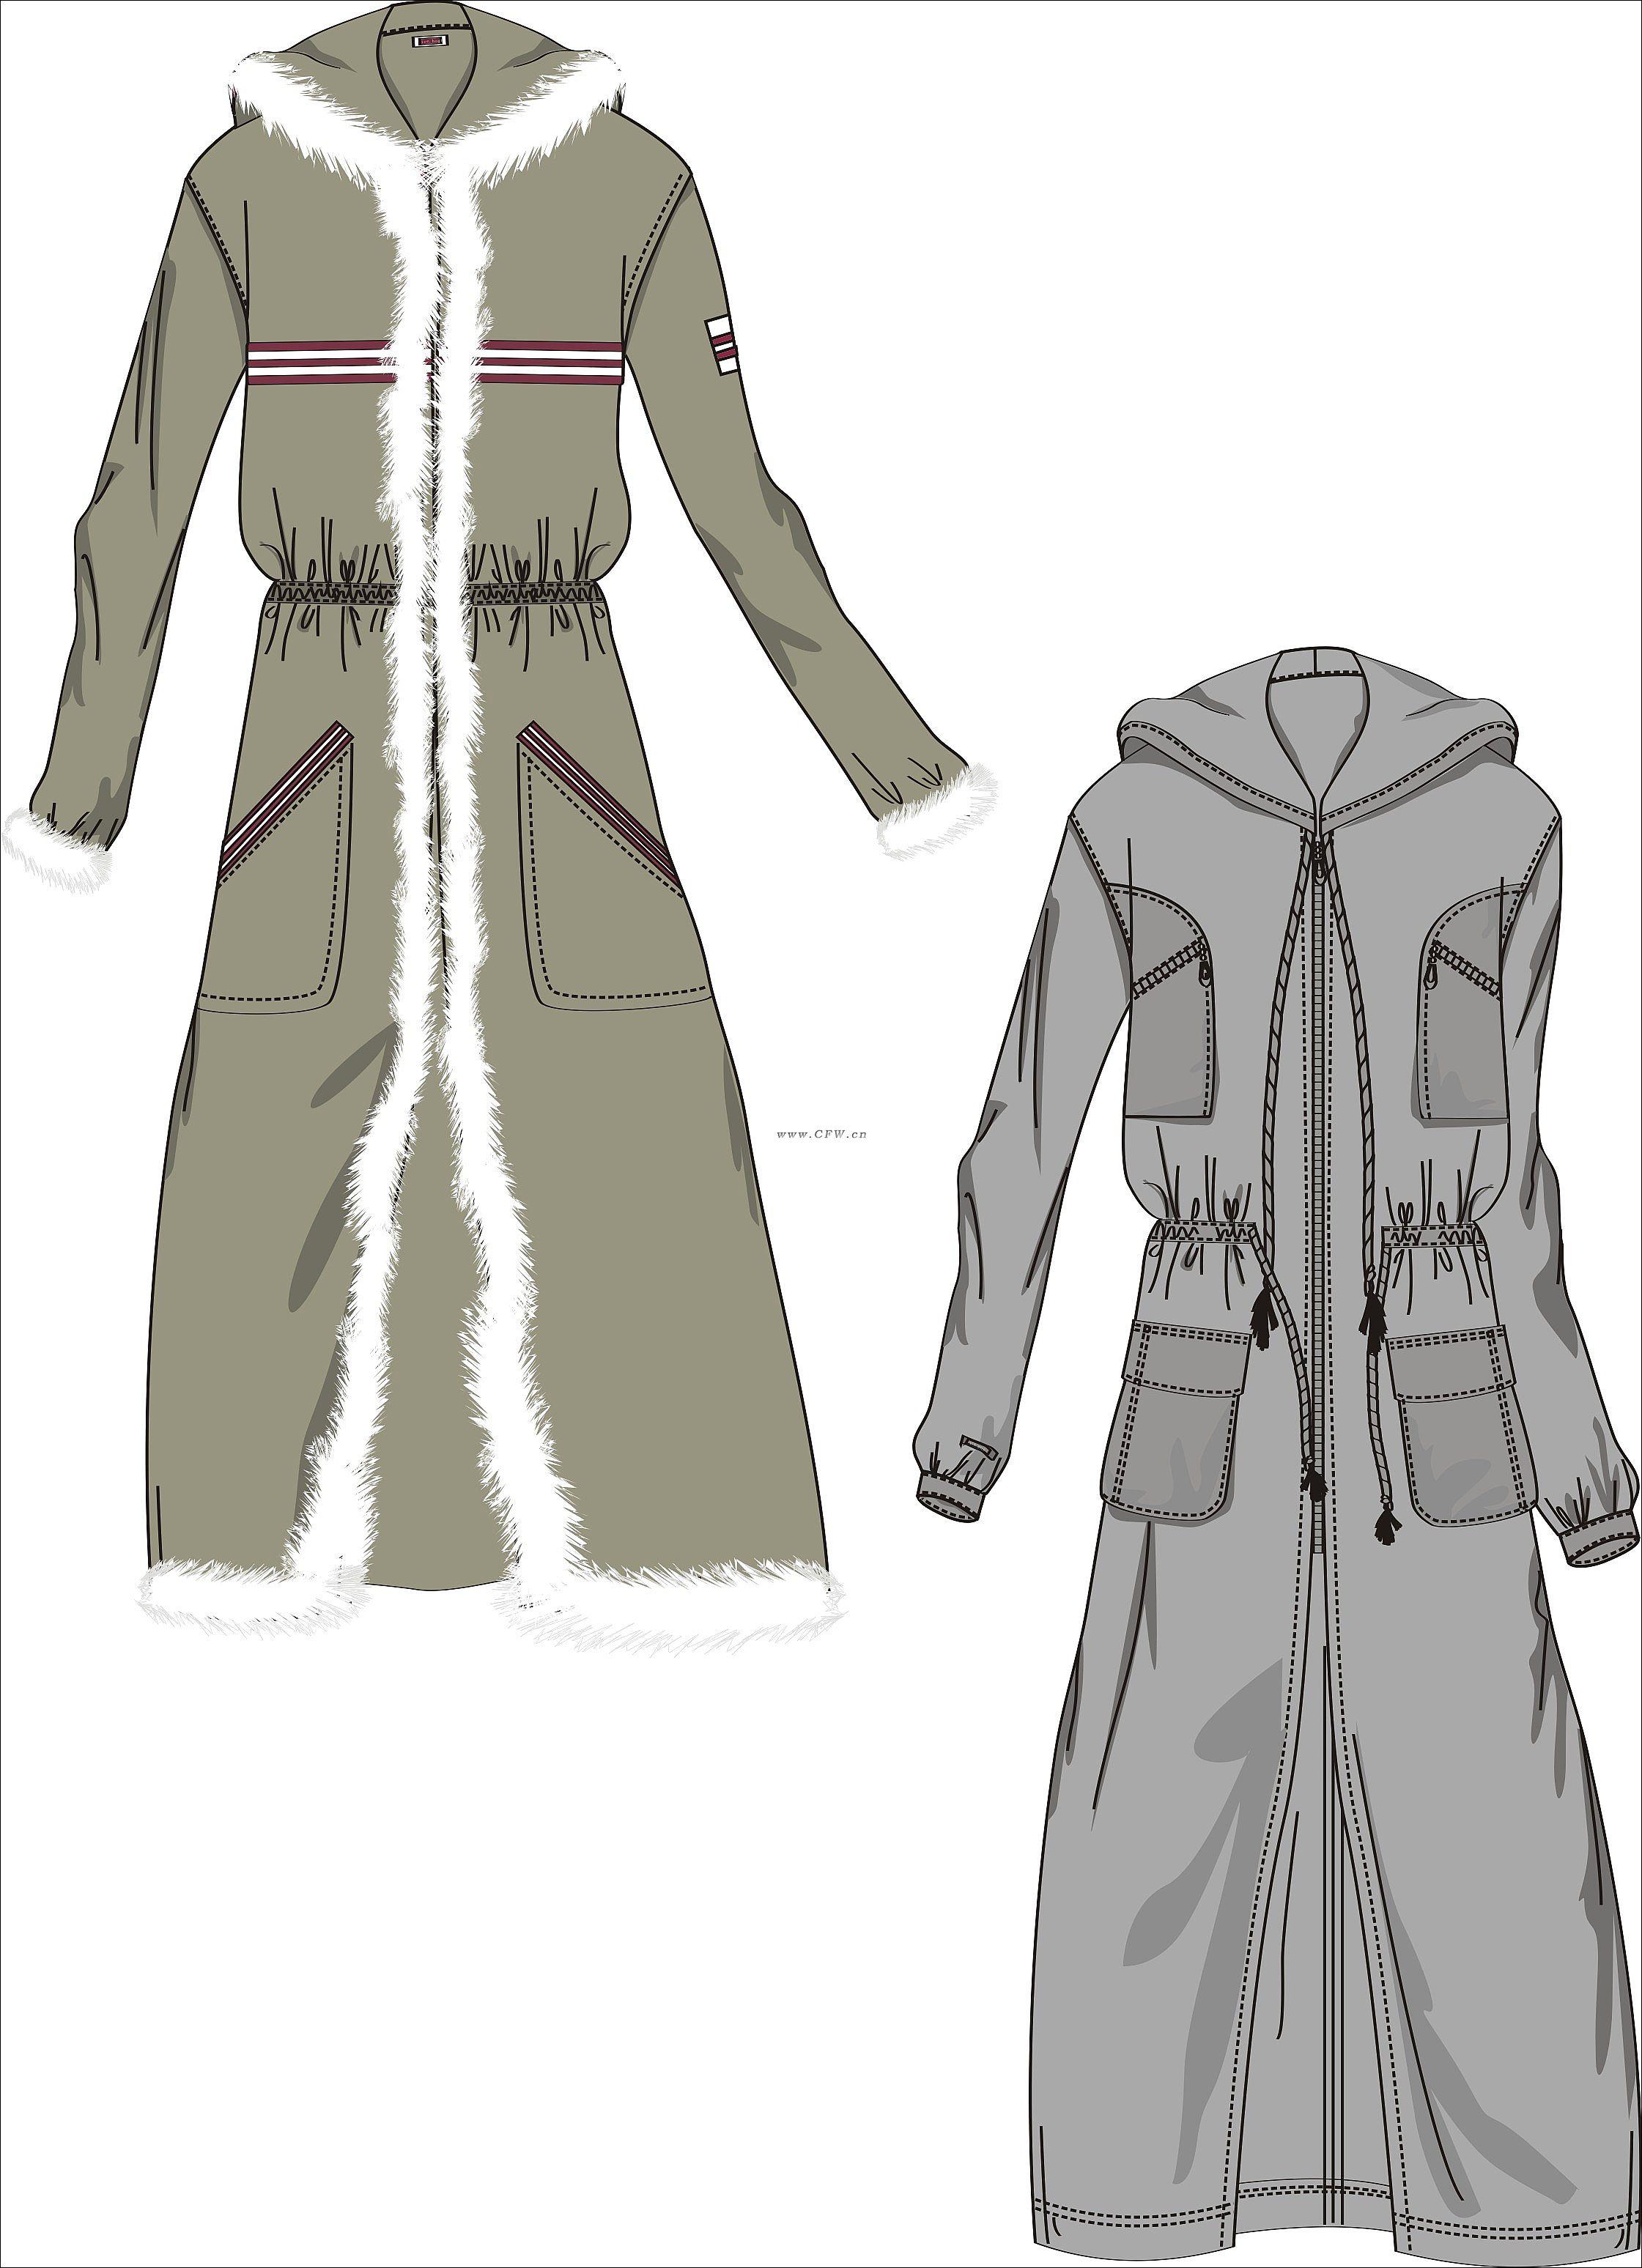 风衣款式图-男士风衣设计图-cfw服装设计图片